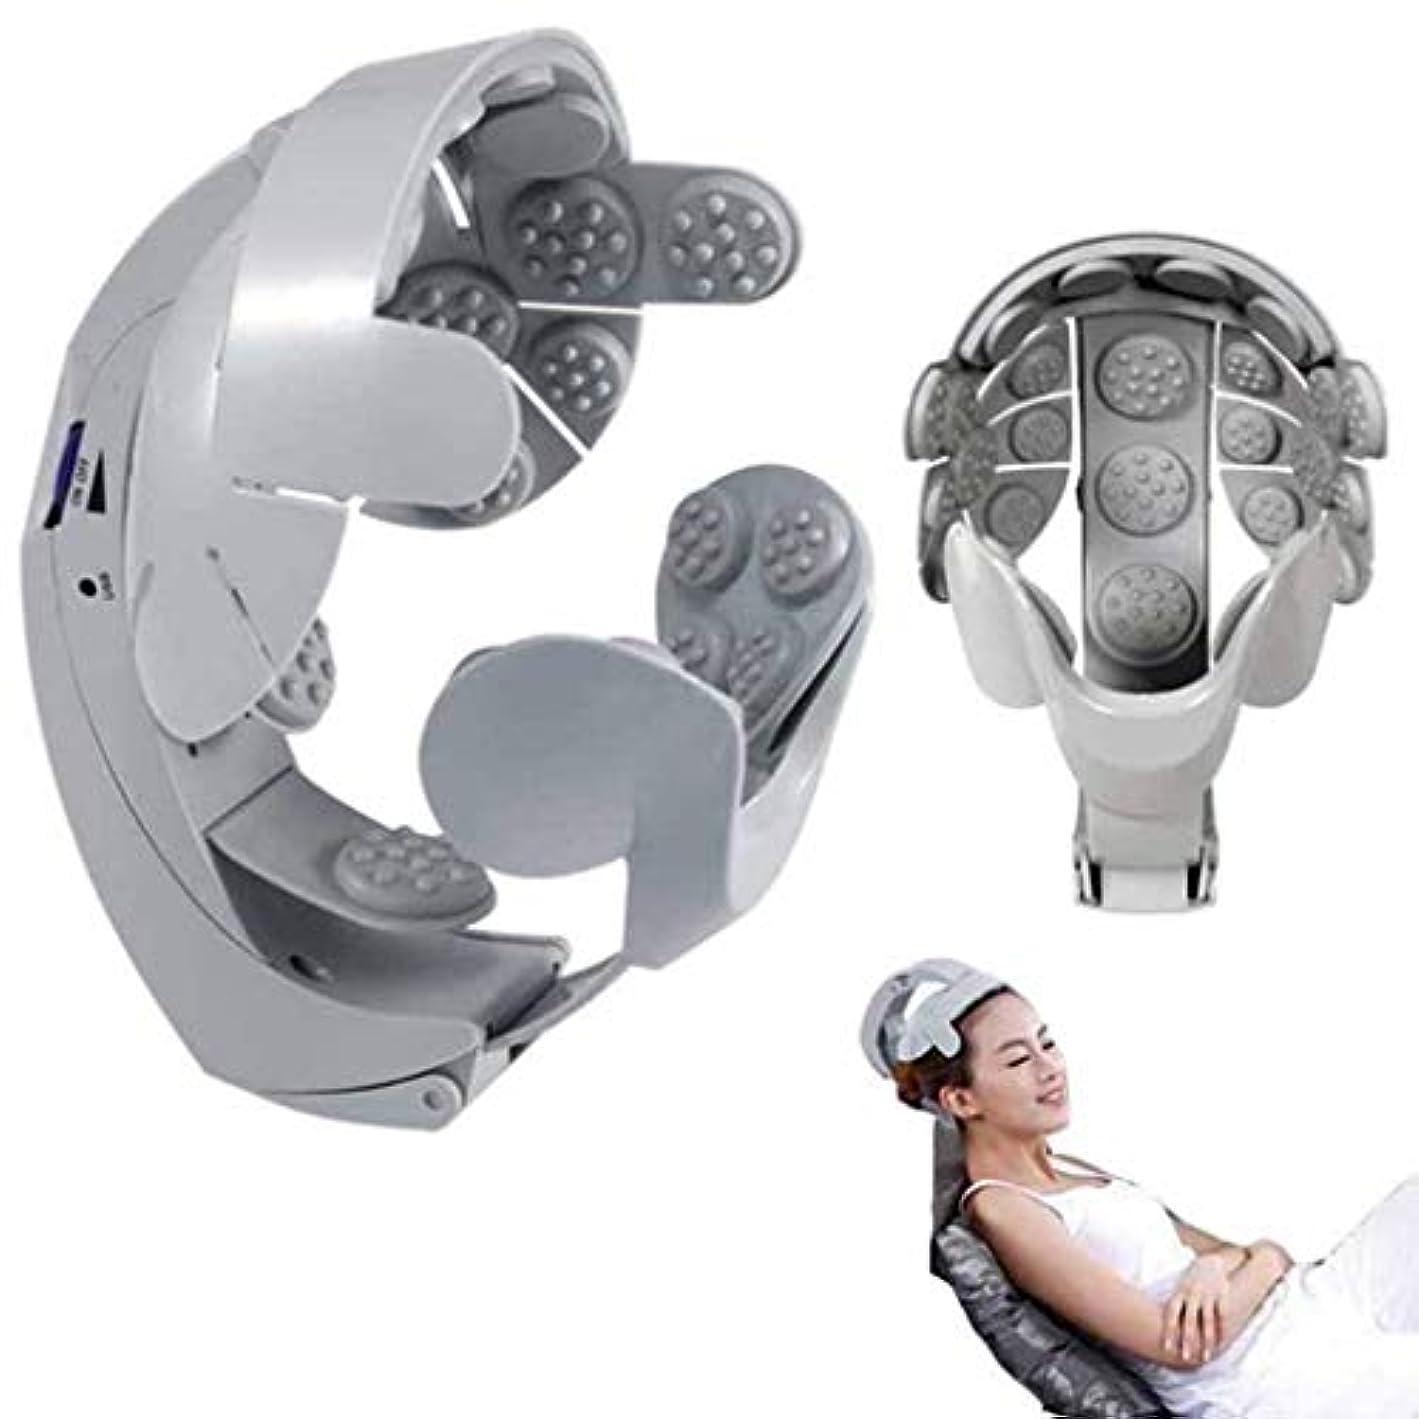 マークされたキー仮説電気ヘッドマッサージャー、8調整可能なヘルメット頭皮鍼治療のポイント、ユーザーフレンドリーなデザイン、脳マッサージは簡単です